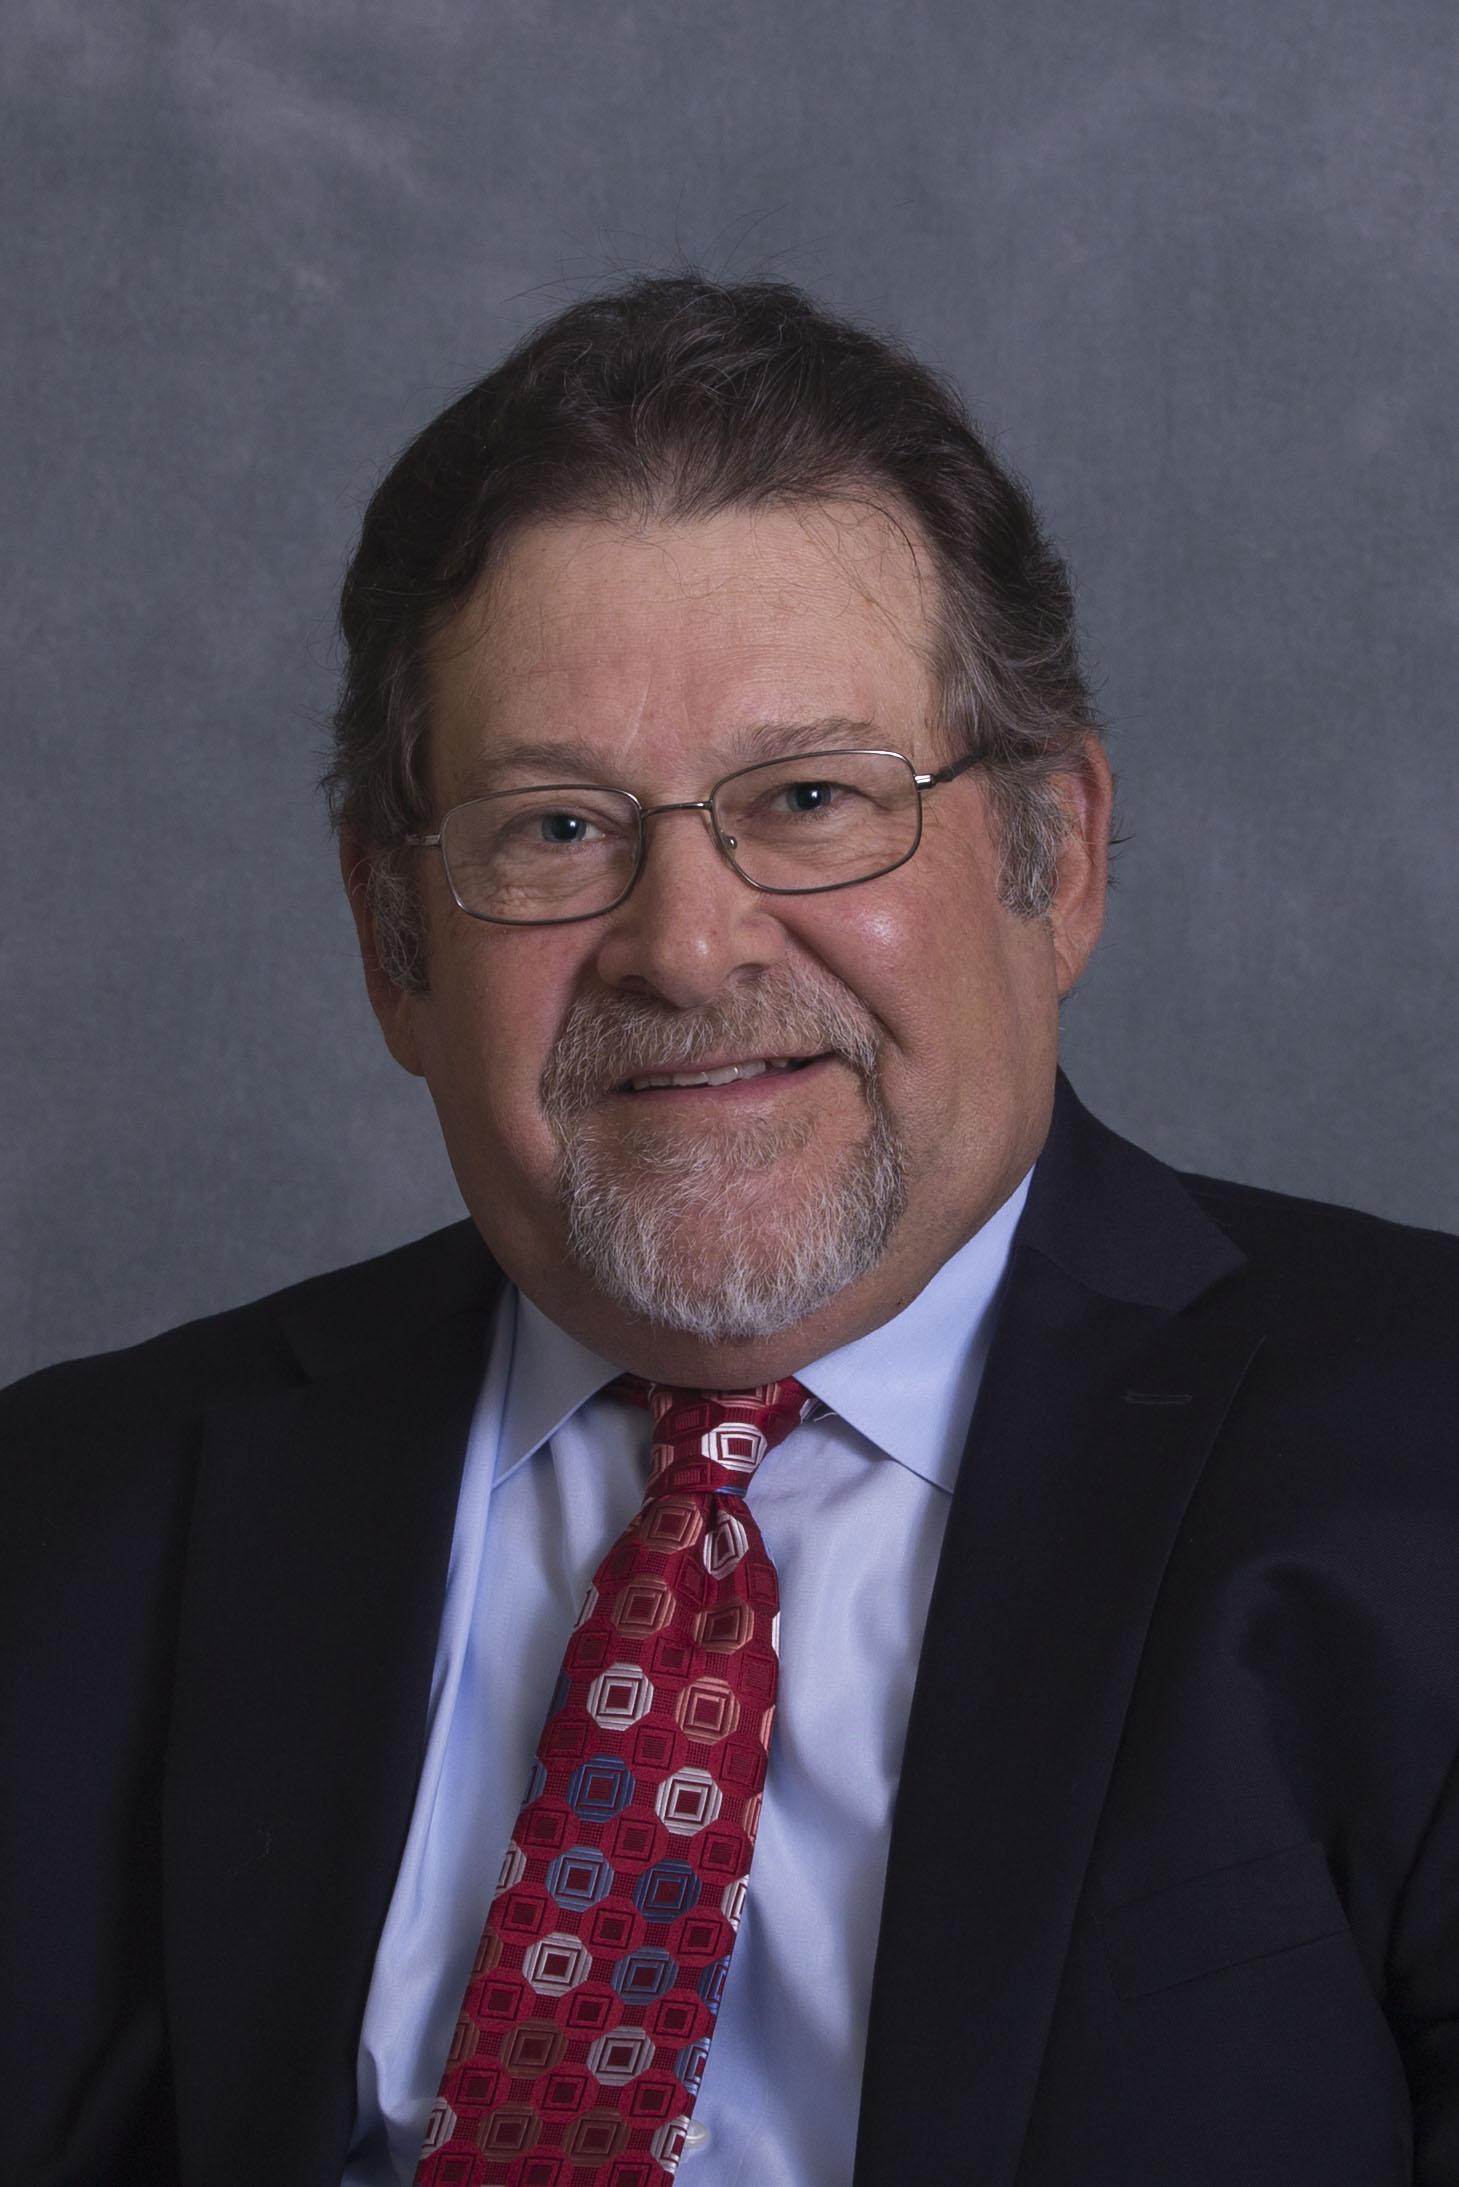 Matt Halprin